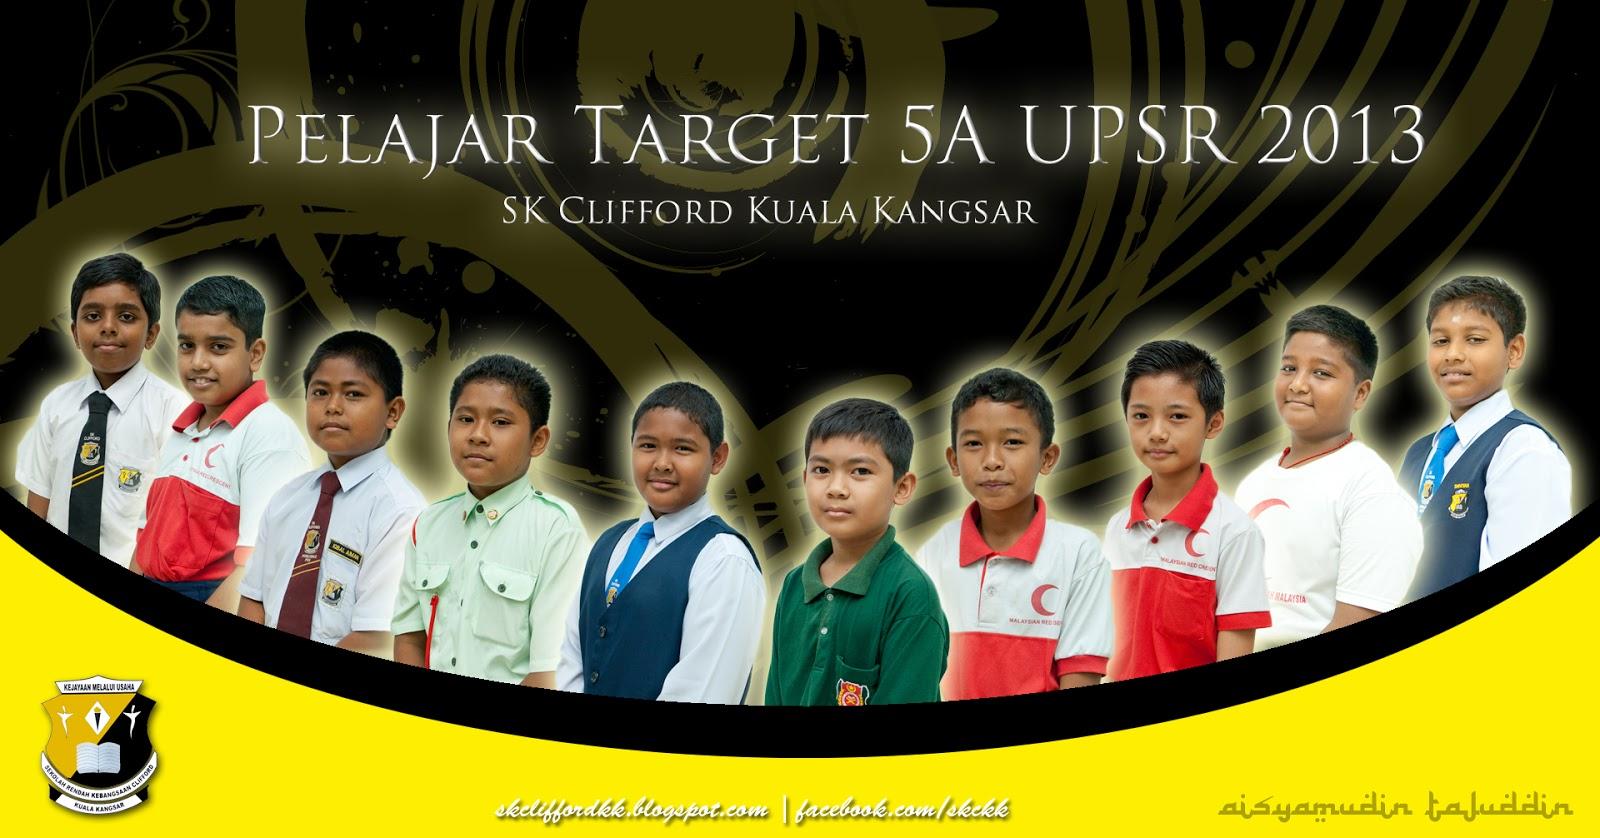 Pelajar Target 5A UPSR 2013